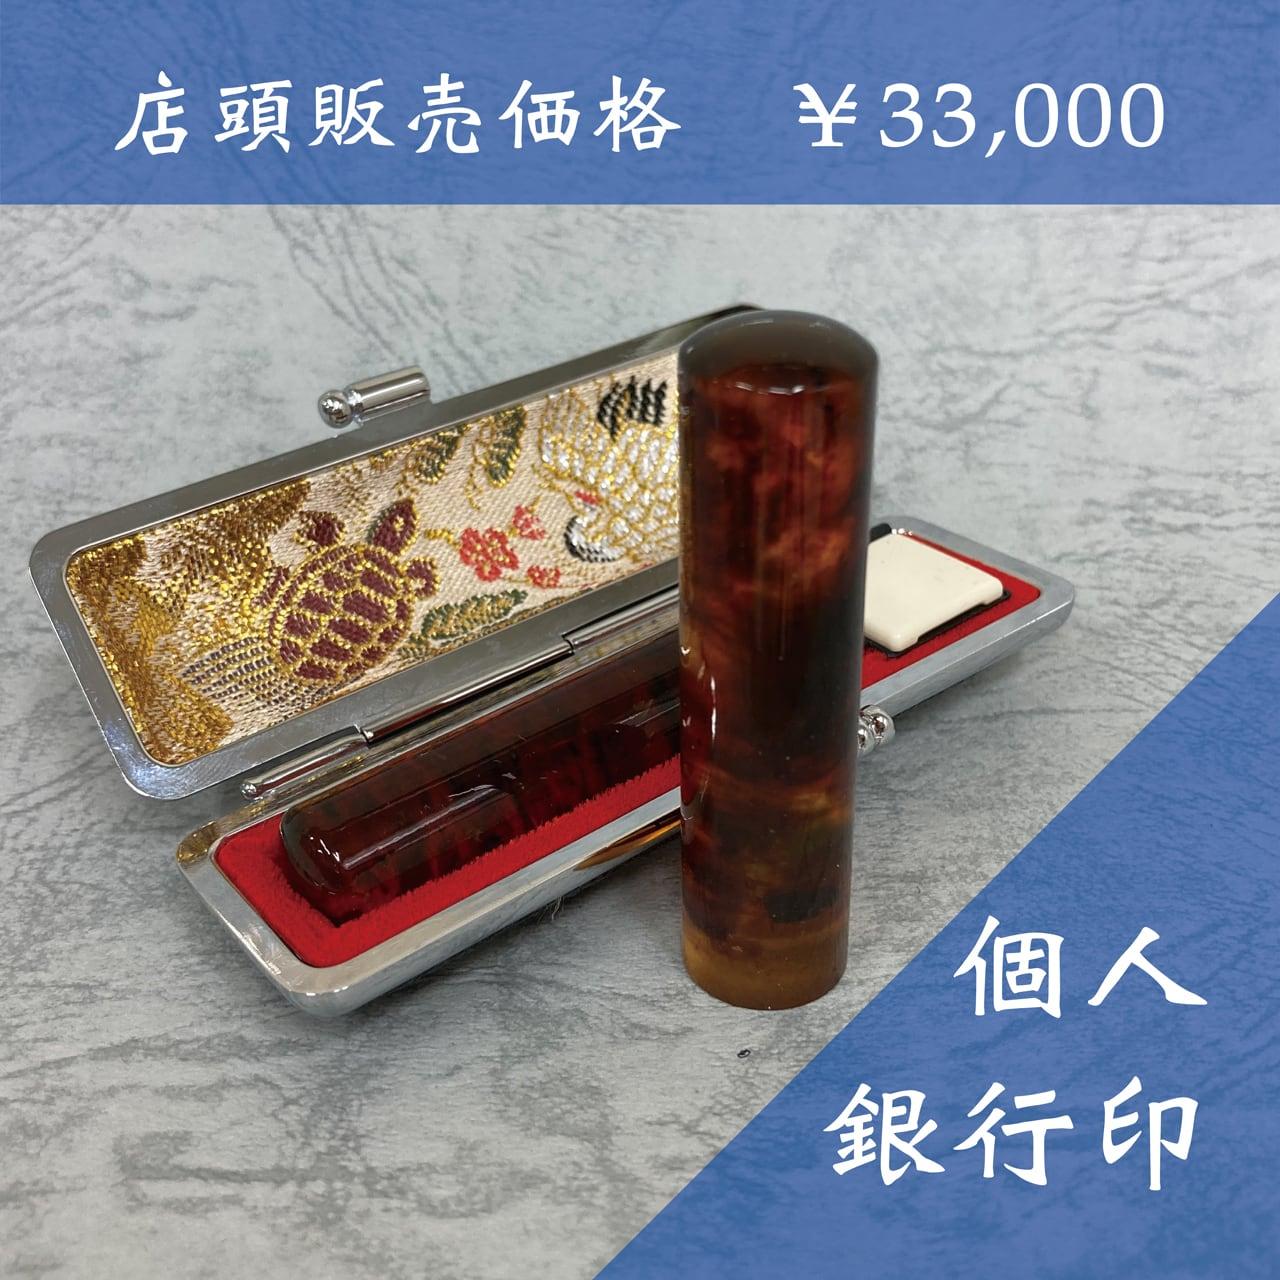 【個人用】銀行印(13.5mm)琥珀